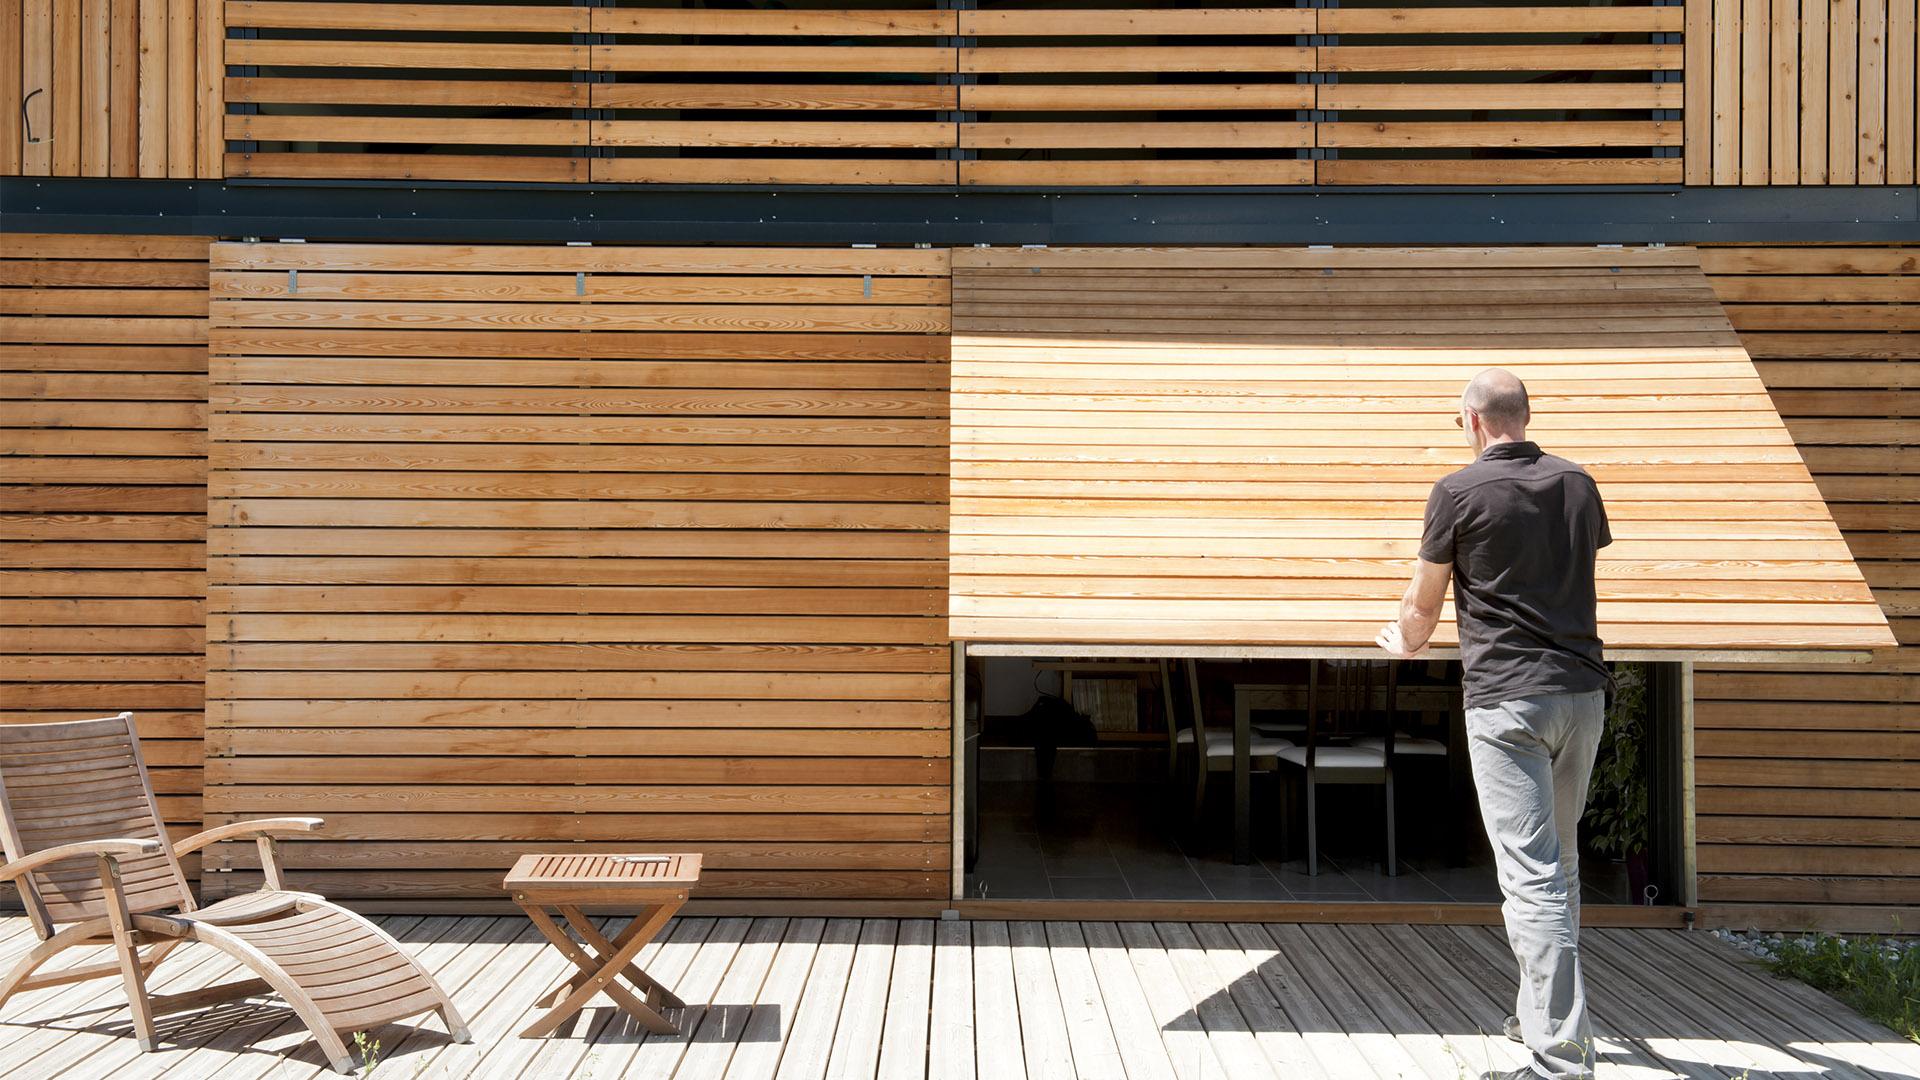 04-Seuil-Architecture-logements-Basques-crédit-ph.-Stéphane-Brugidou